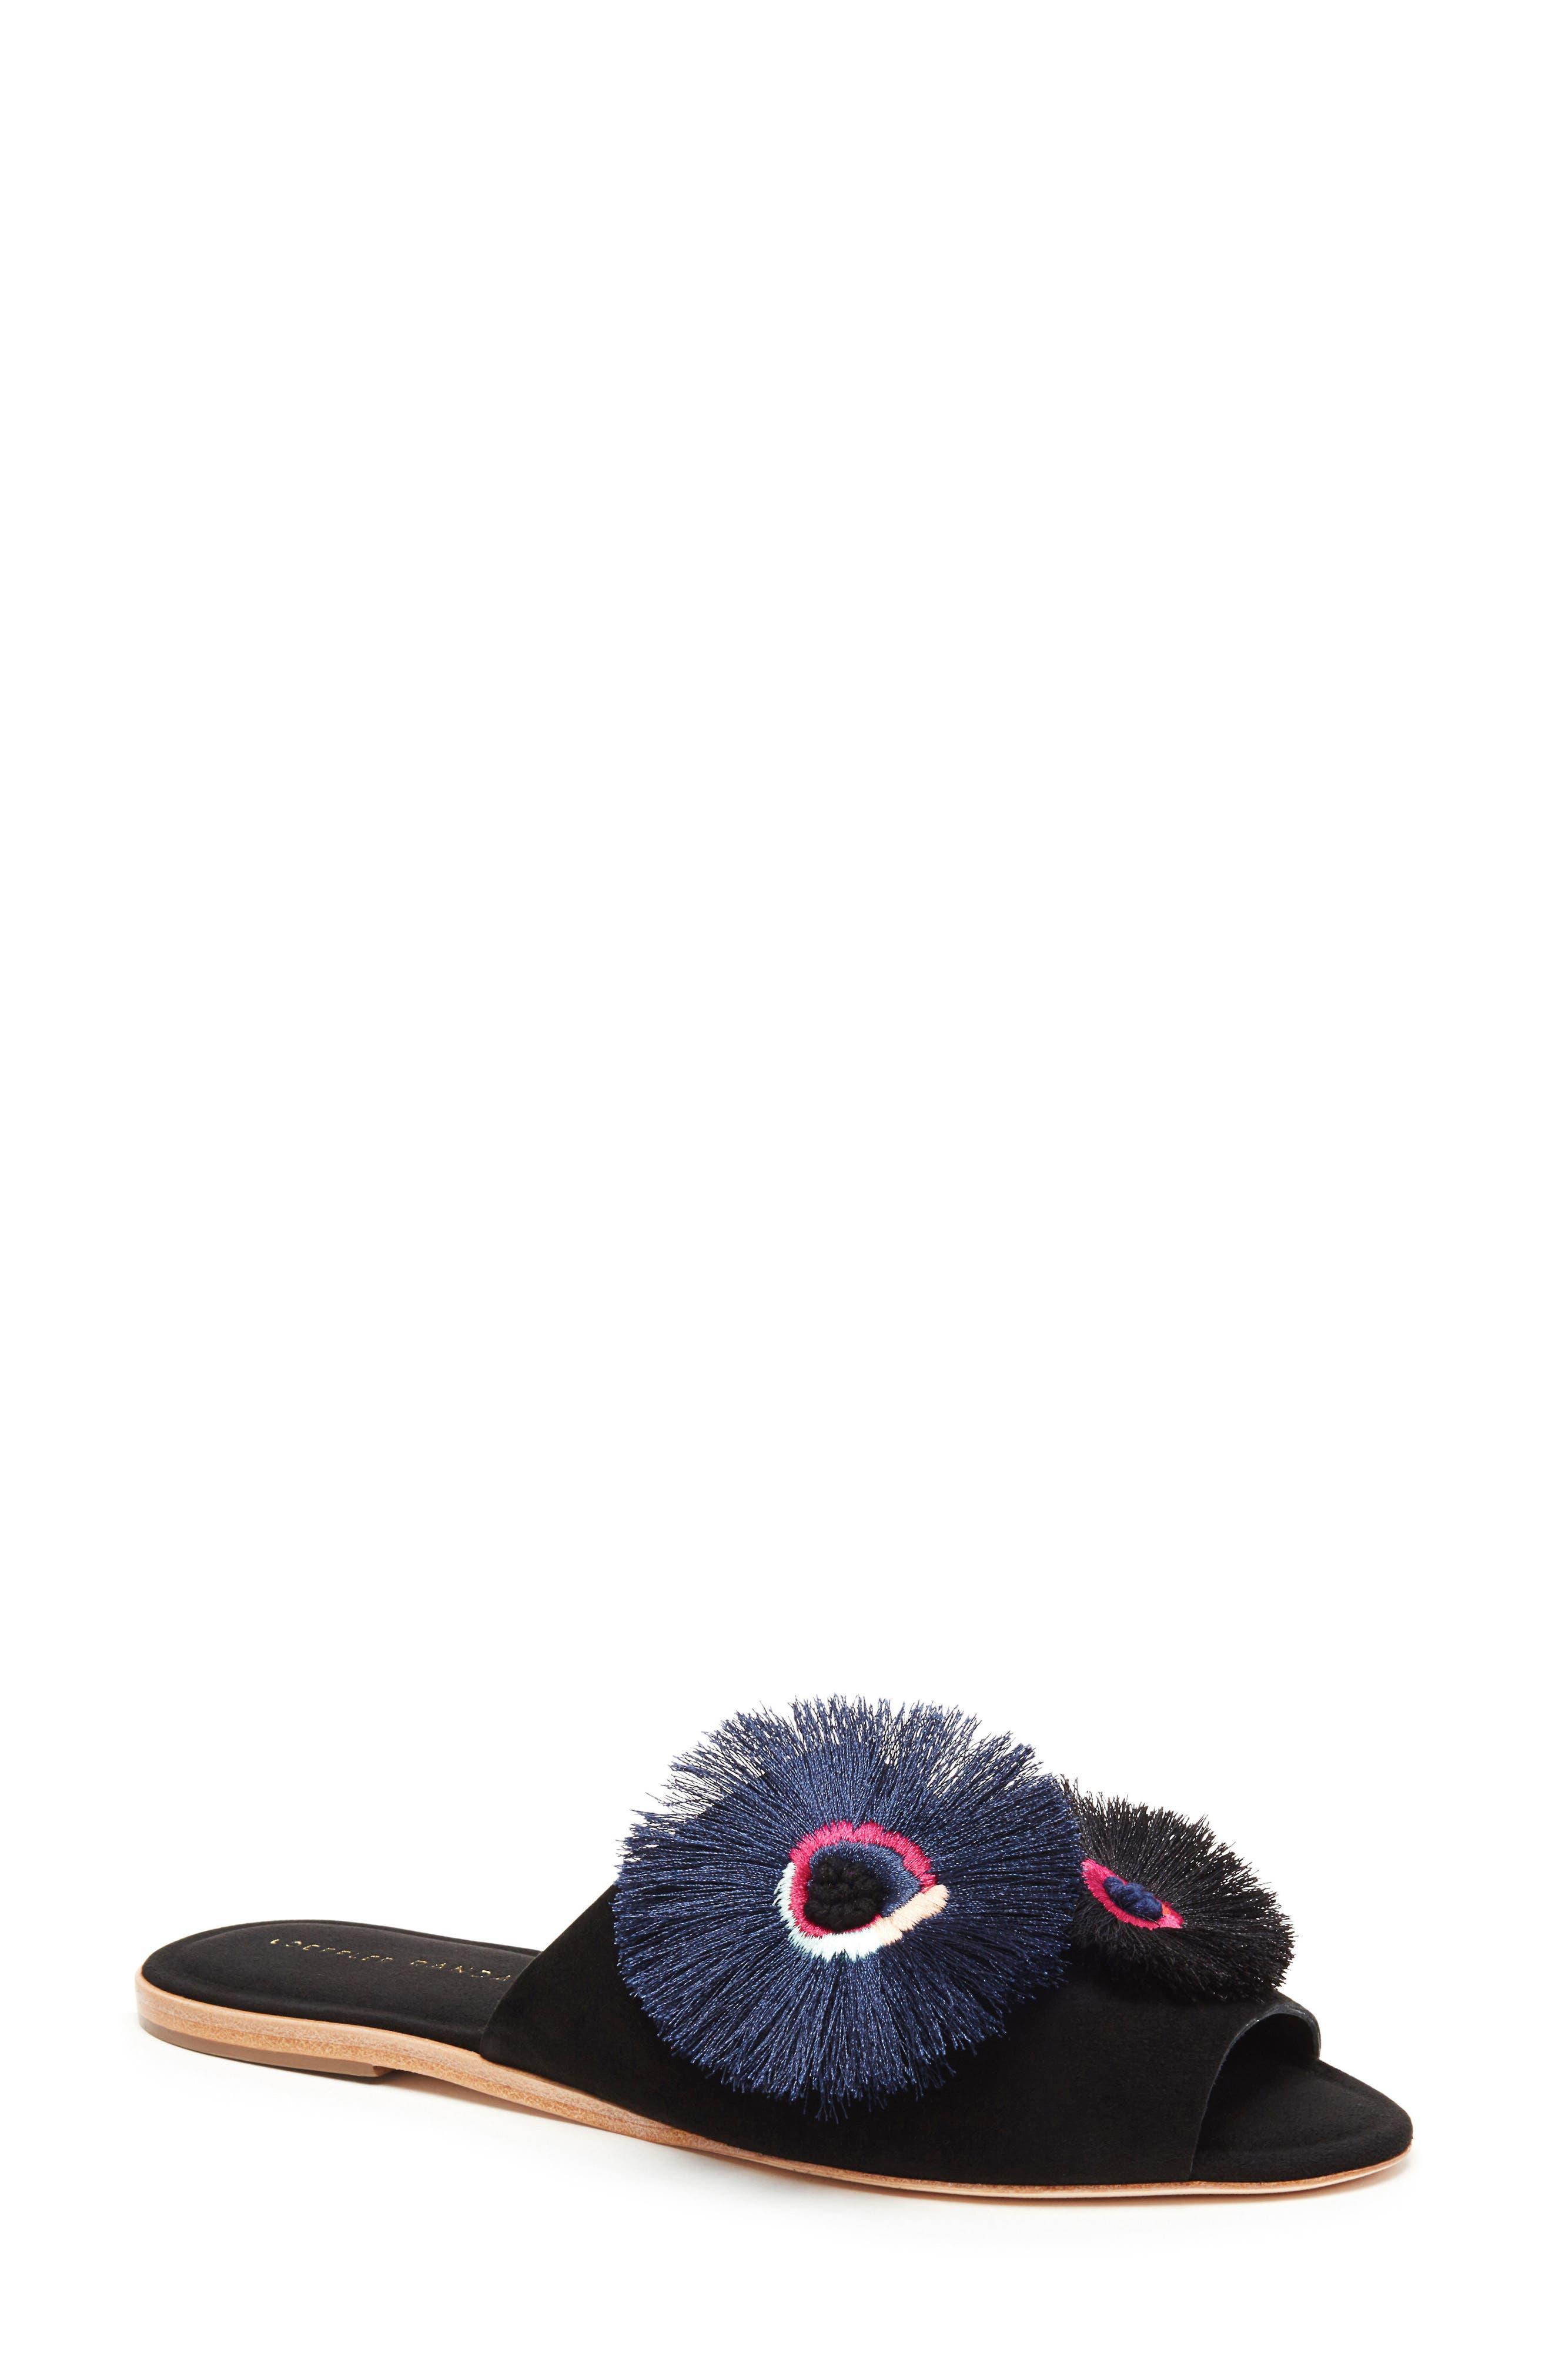 Alternate Image 1 Selected - Loeffler Randall Kiki Flower Slide Sandal (Women)